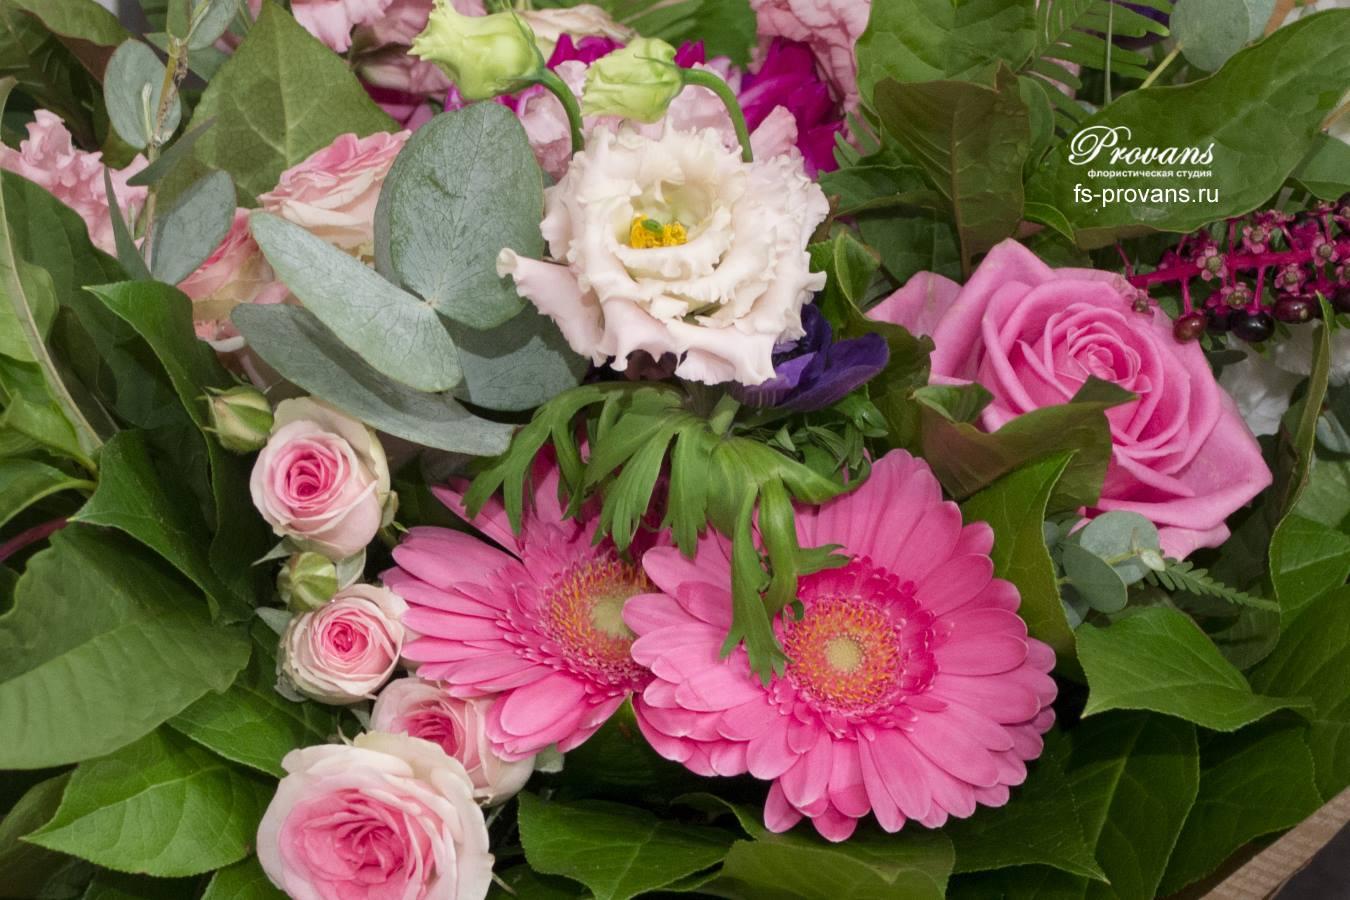 Букет на день рождения. Георгины, розы, герберы